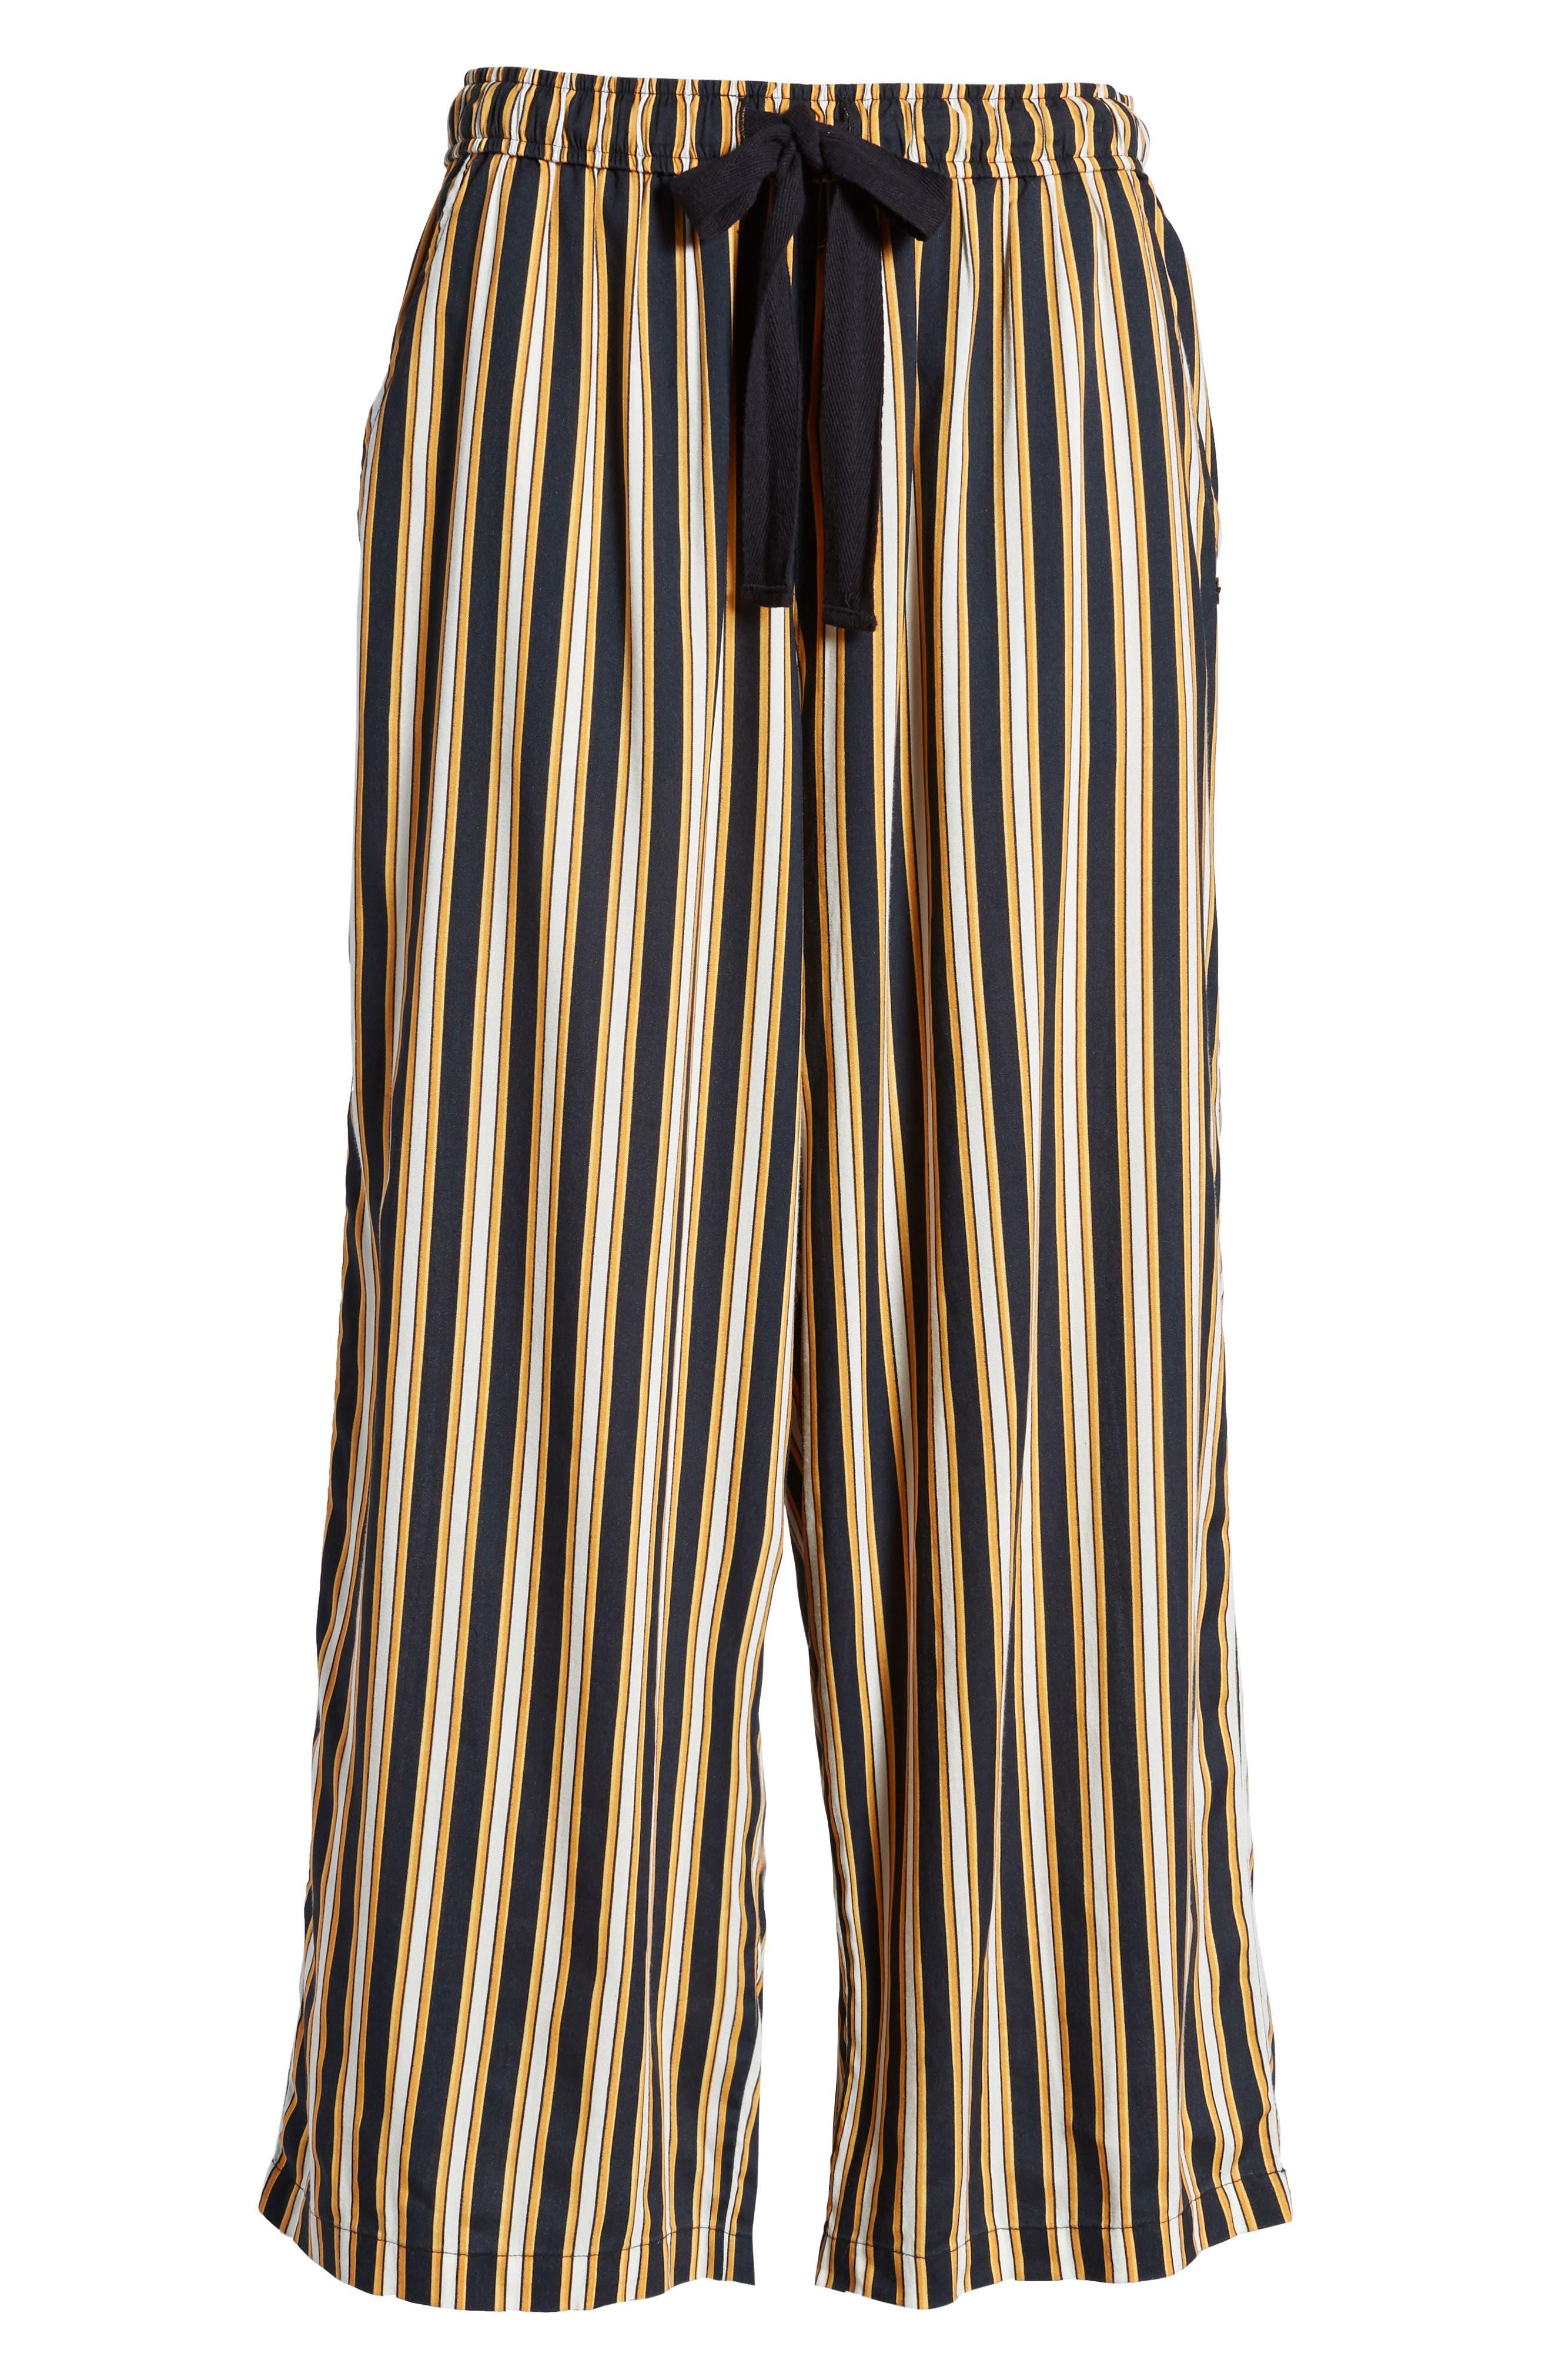 Stoney Stripe Pants,                             Alternate thumbnail 7, color,